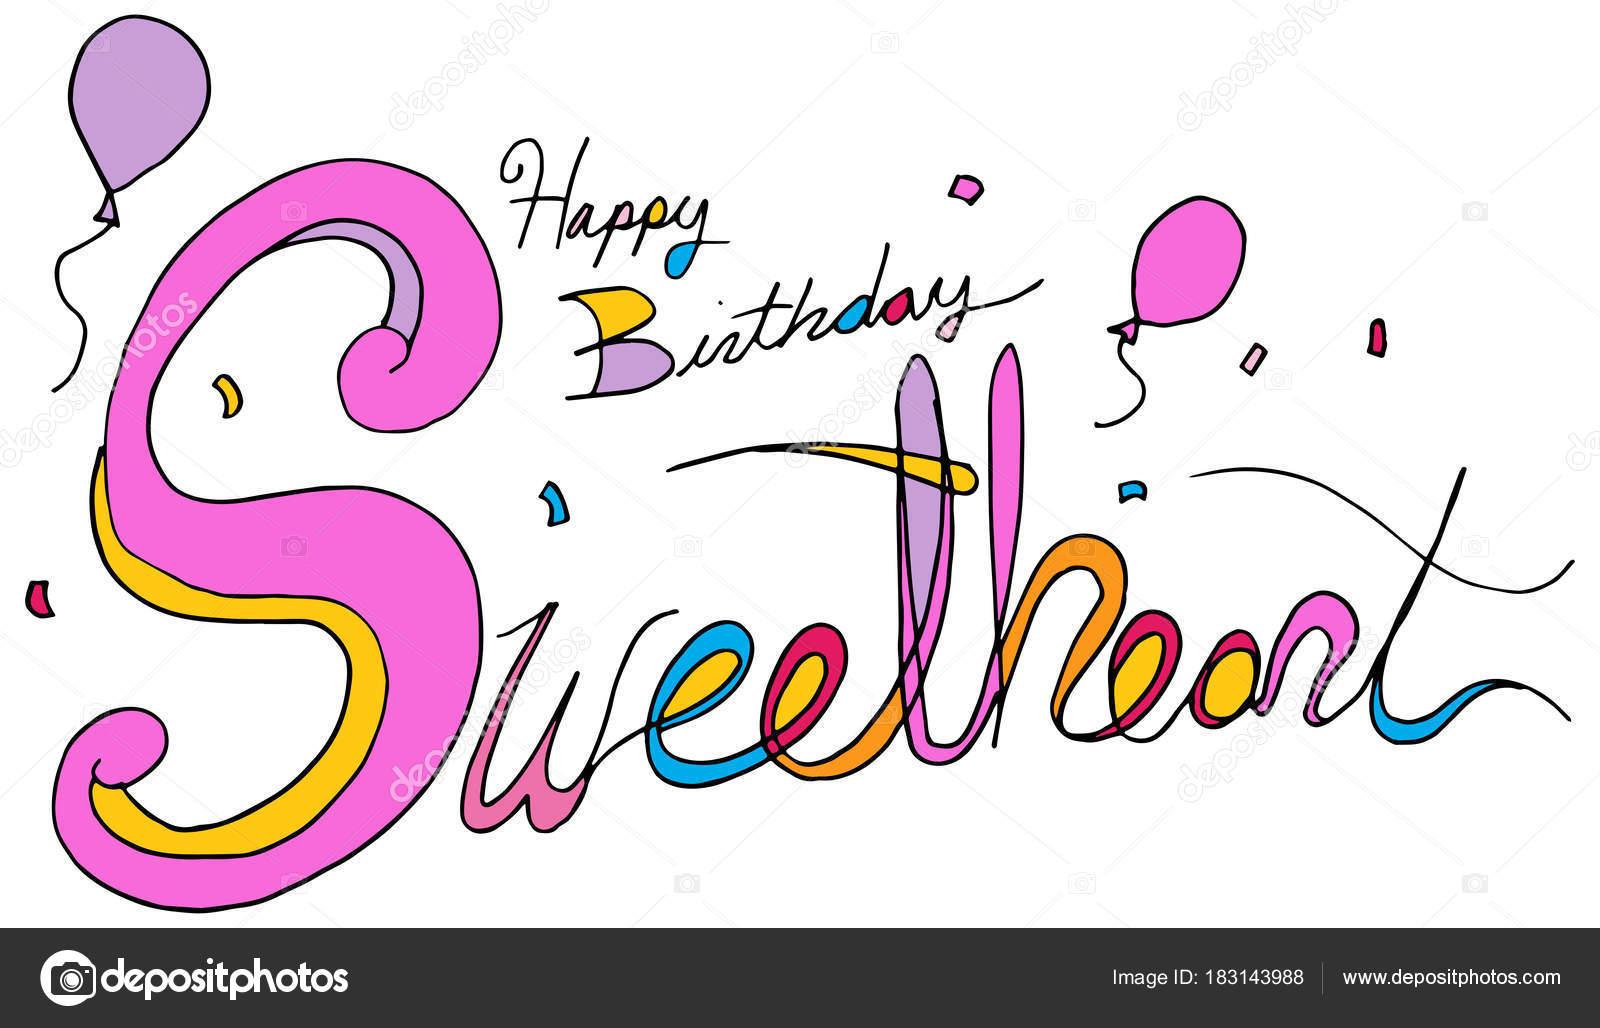 Alles Gute Zum Geburtstag Mein Schatz Ballon Konfetti Sms